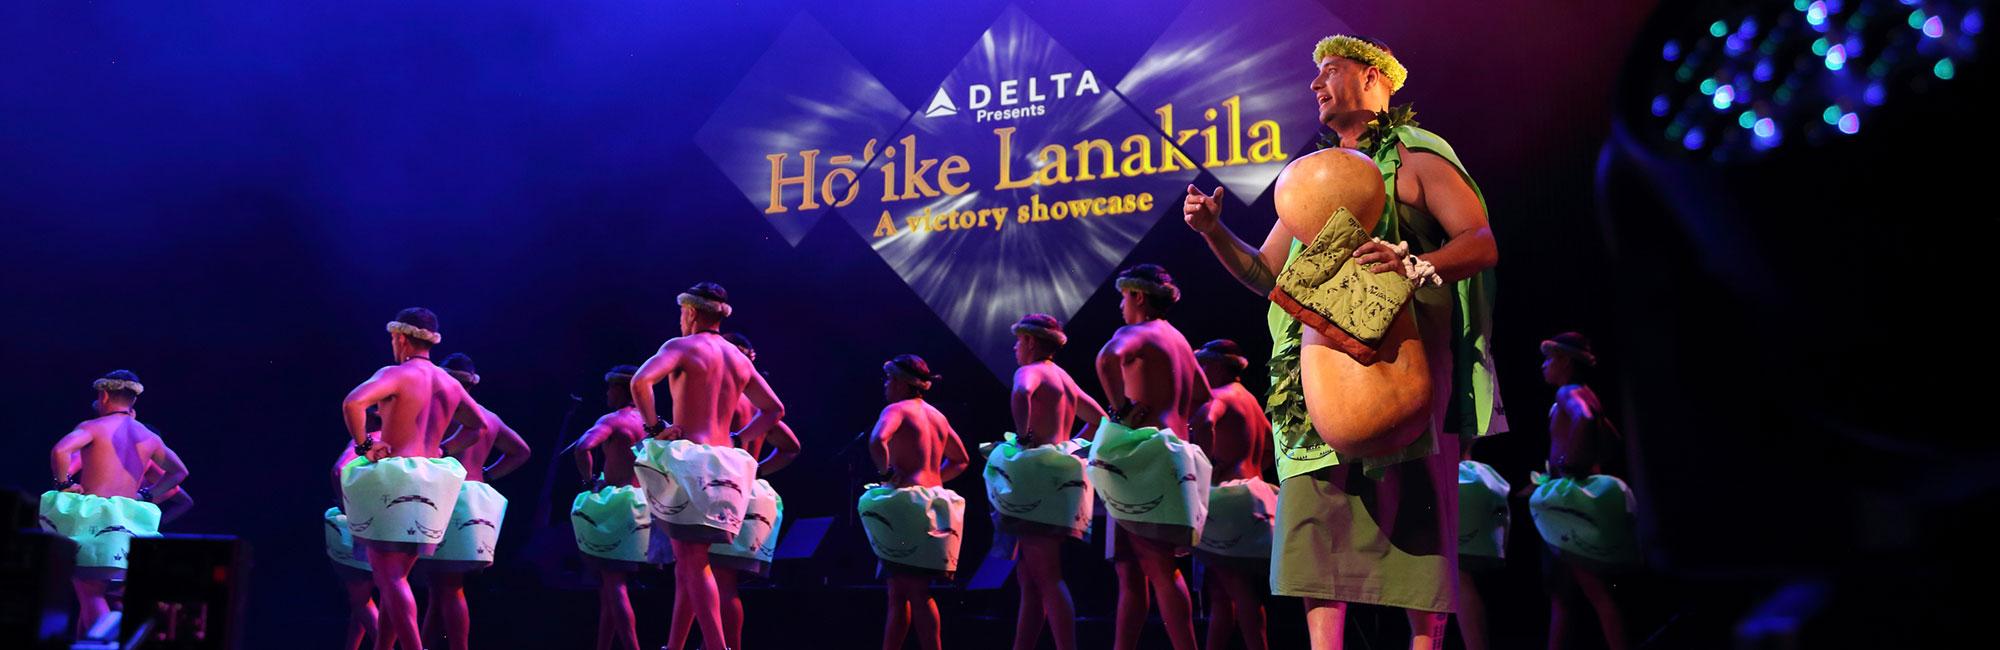 Ho'ike Lanakila 2018(ホーイケ ラナキラ 2018)